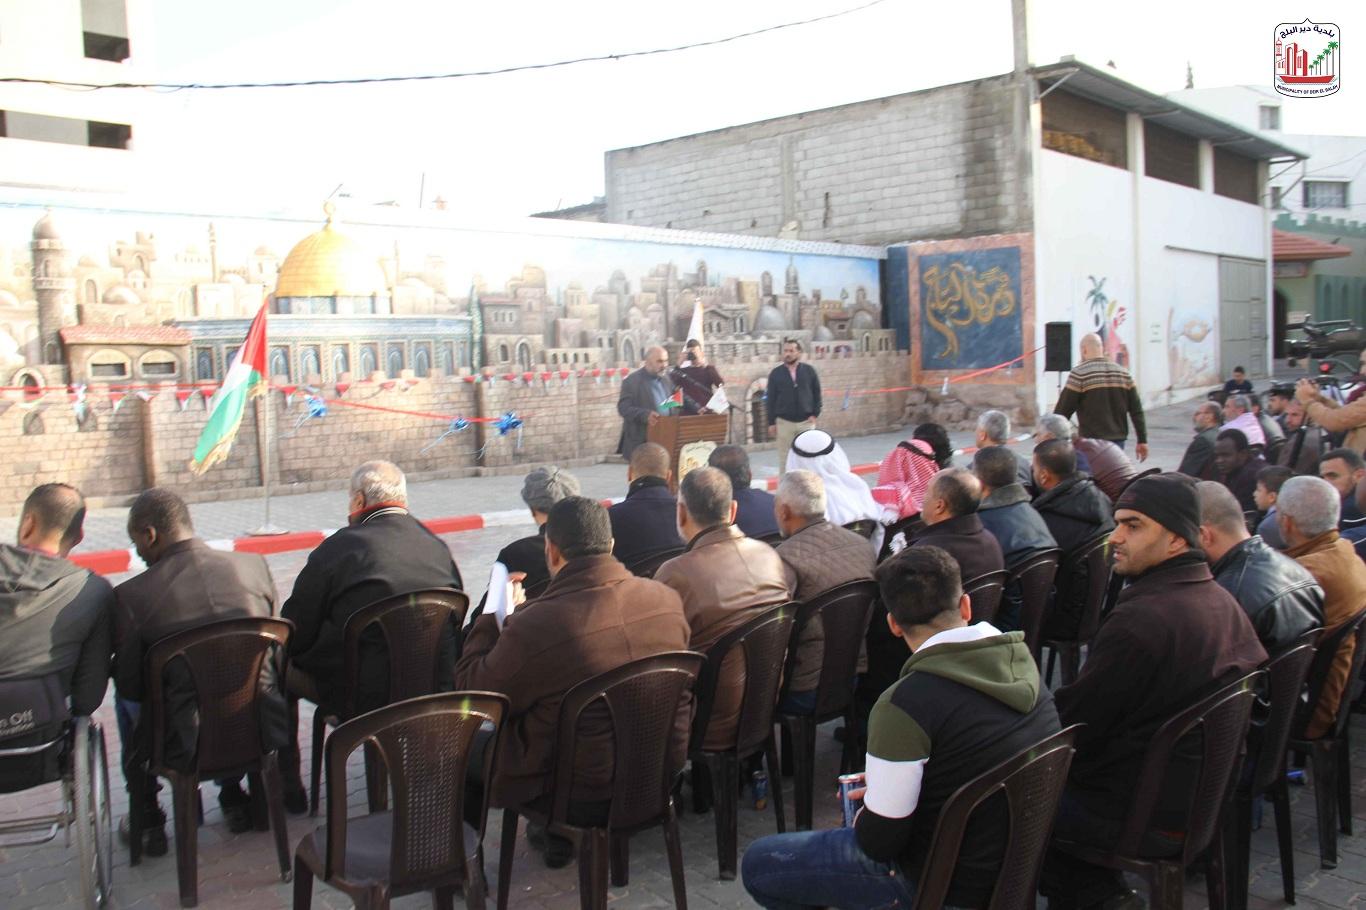 حفل افتتاح جدارية القدس بمدخل بلدية دير البلح